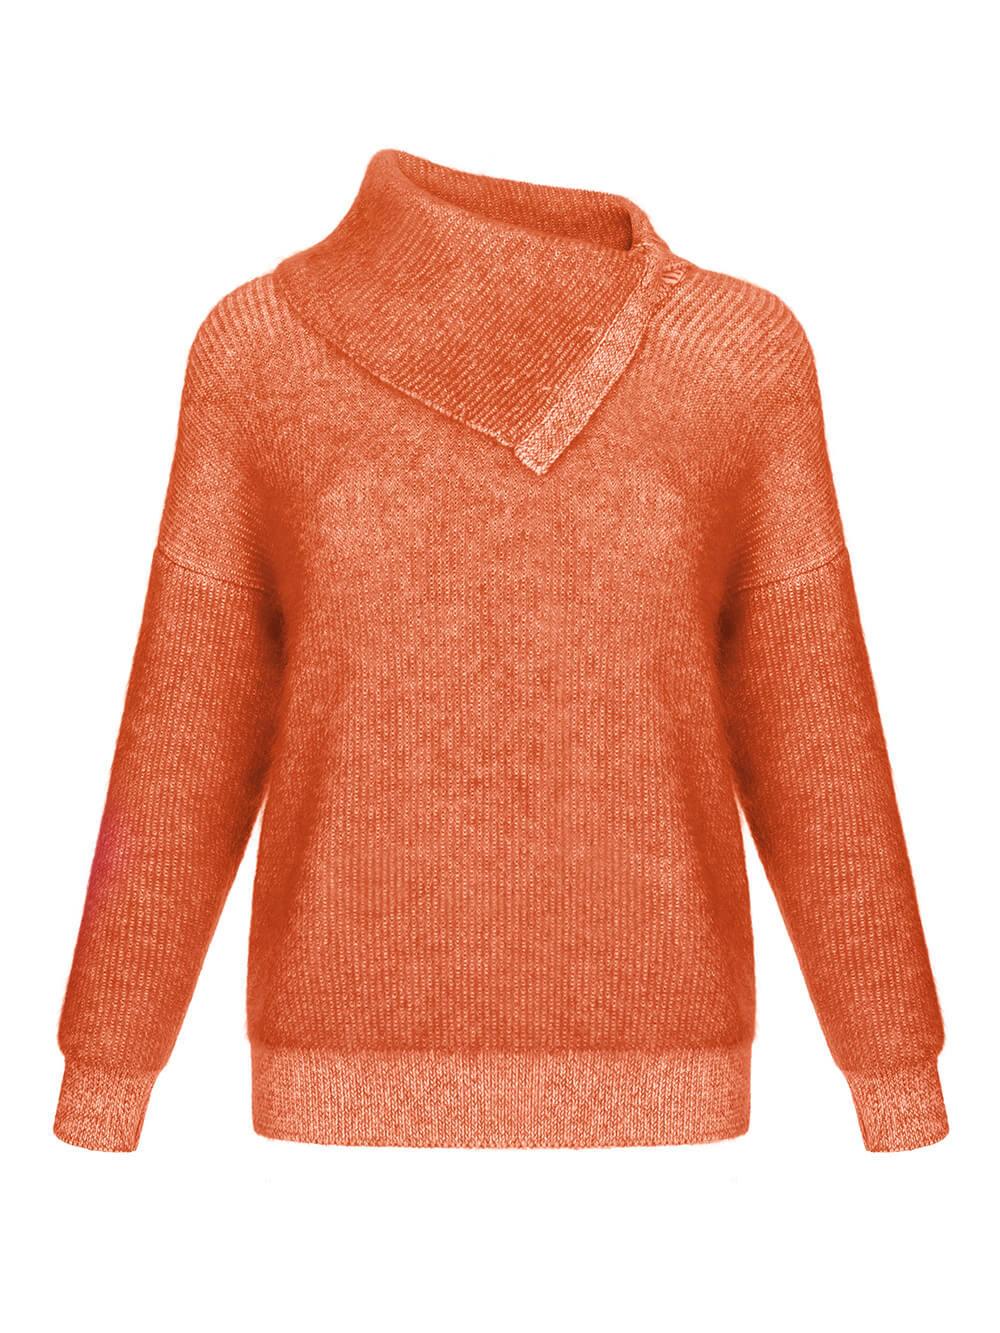 Женский свитер терракотового цвета из мохера и кашемира - фото 1